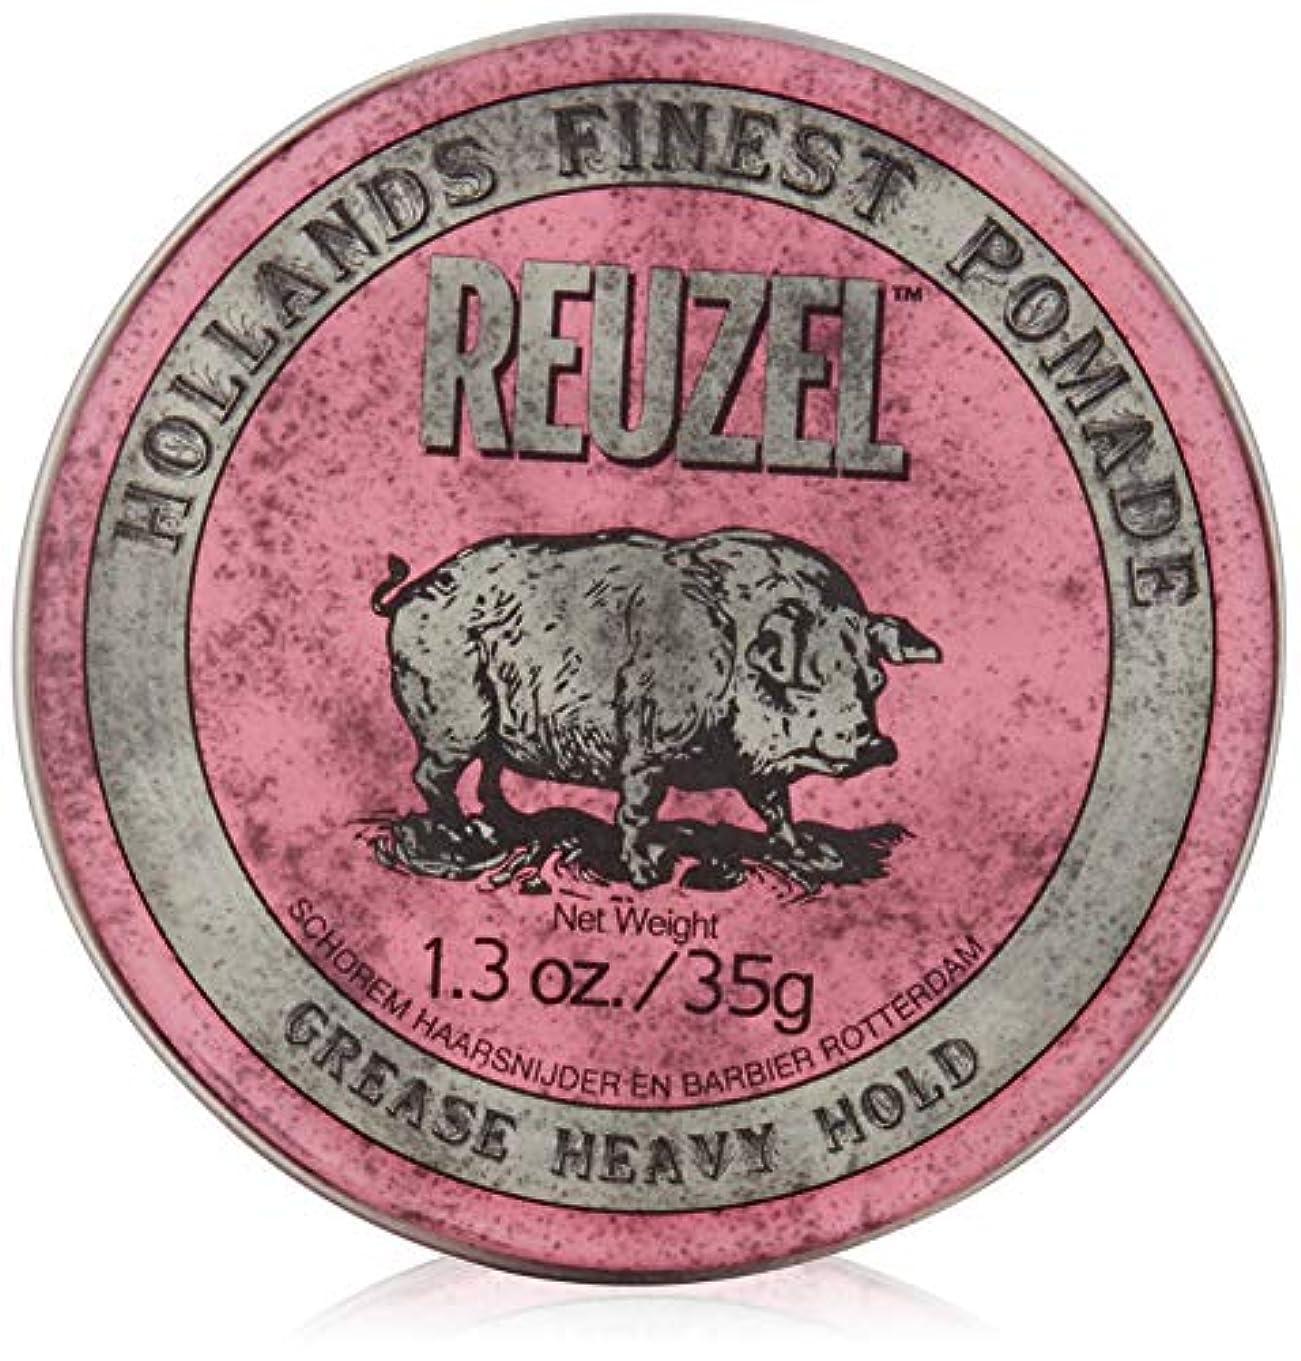 免除鋭く代わりにを立てるREUZEL INC Reuzelミディアムシーンポマード、1.3オンス 0.2 ピンク